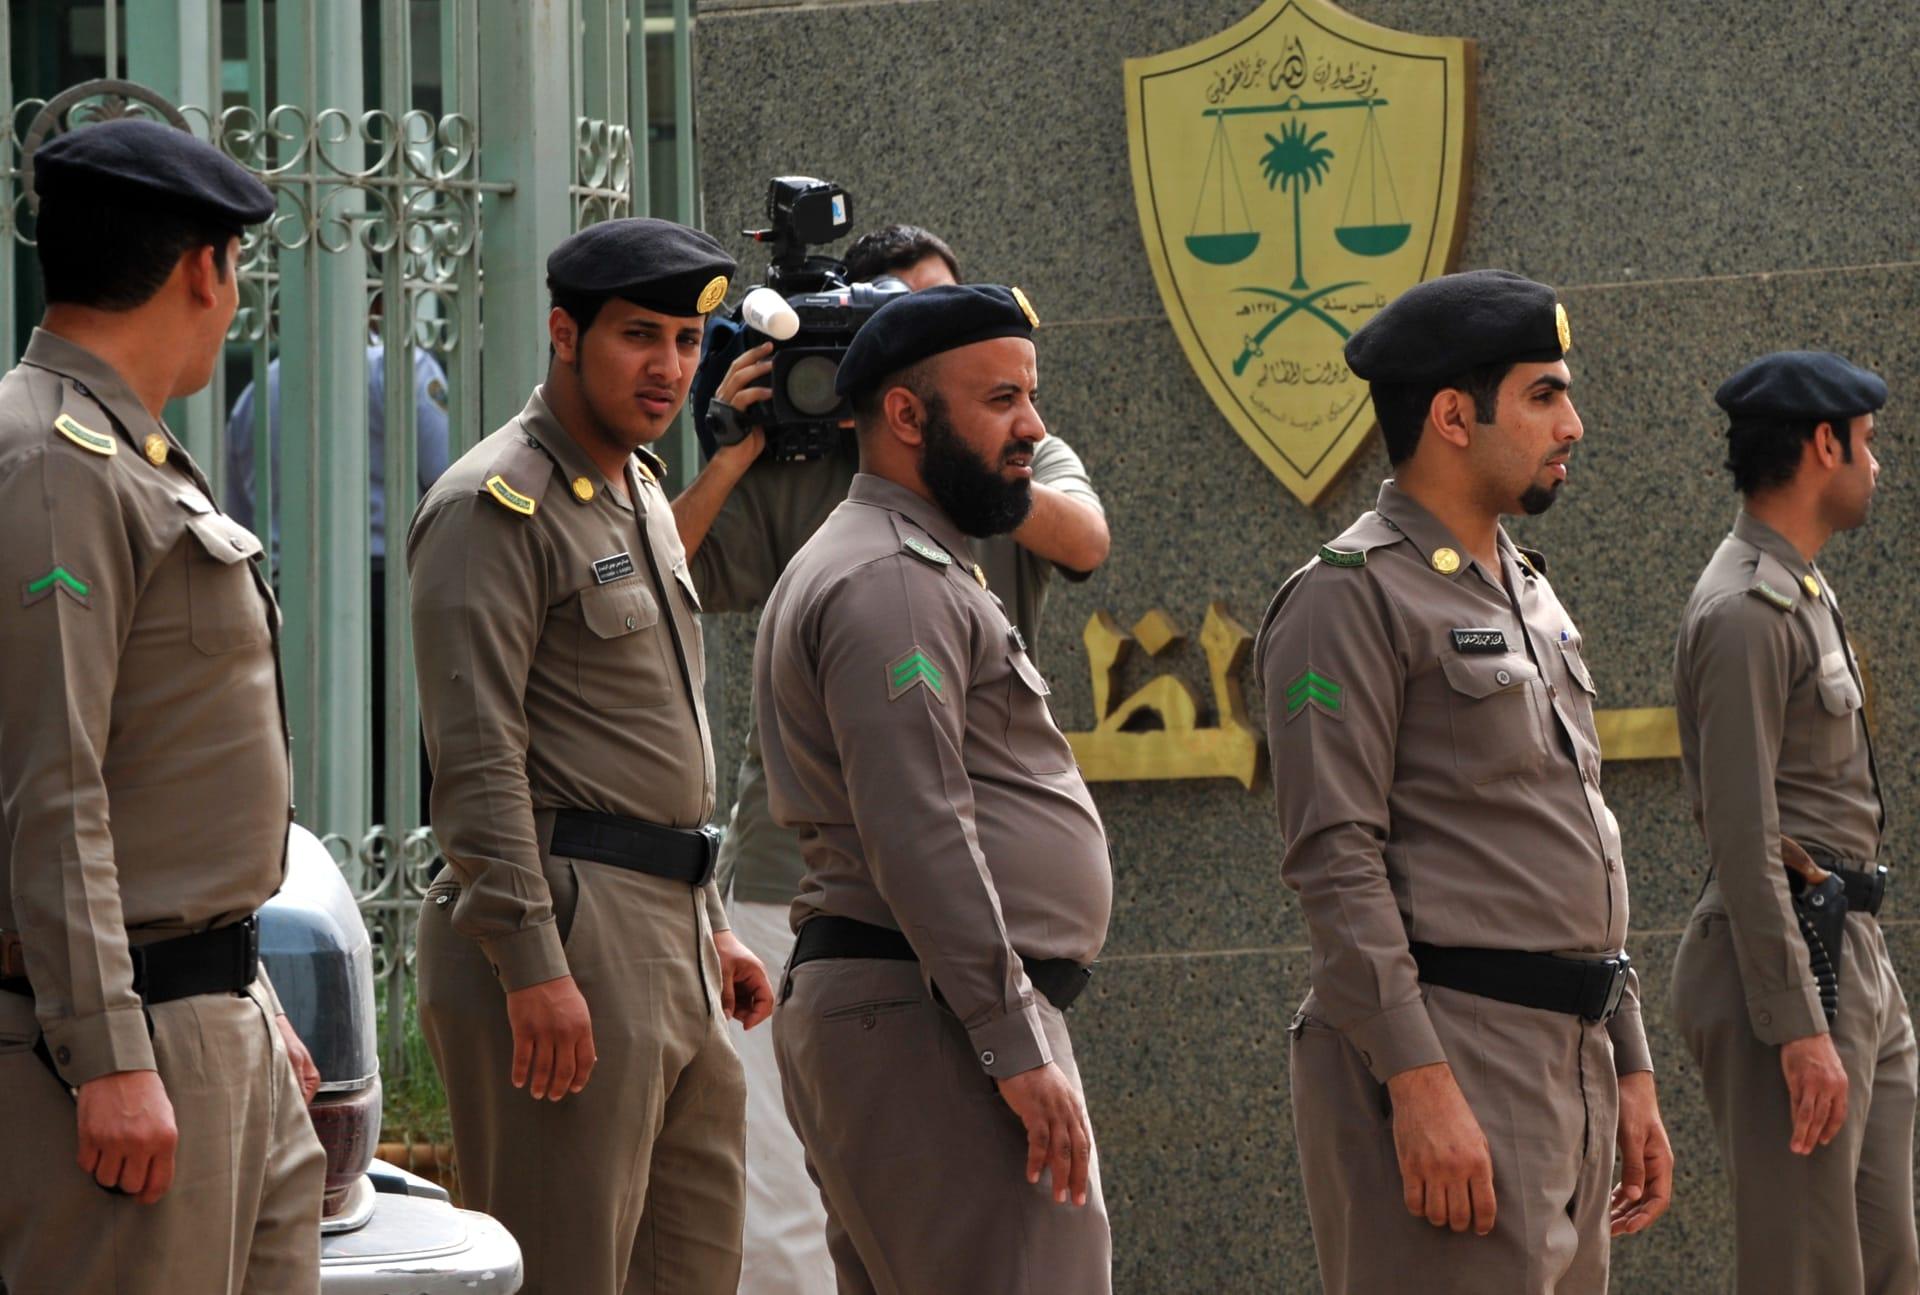 السعودية.. مطالبات بالقصاص من قاتل زوجته في مكة وانتقاد لمجلس الشورى